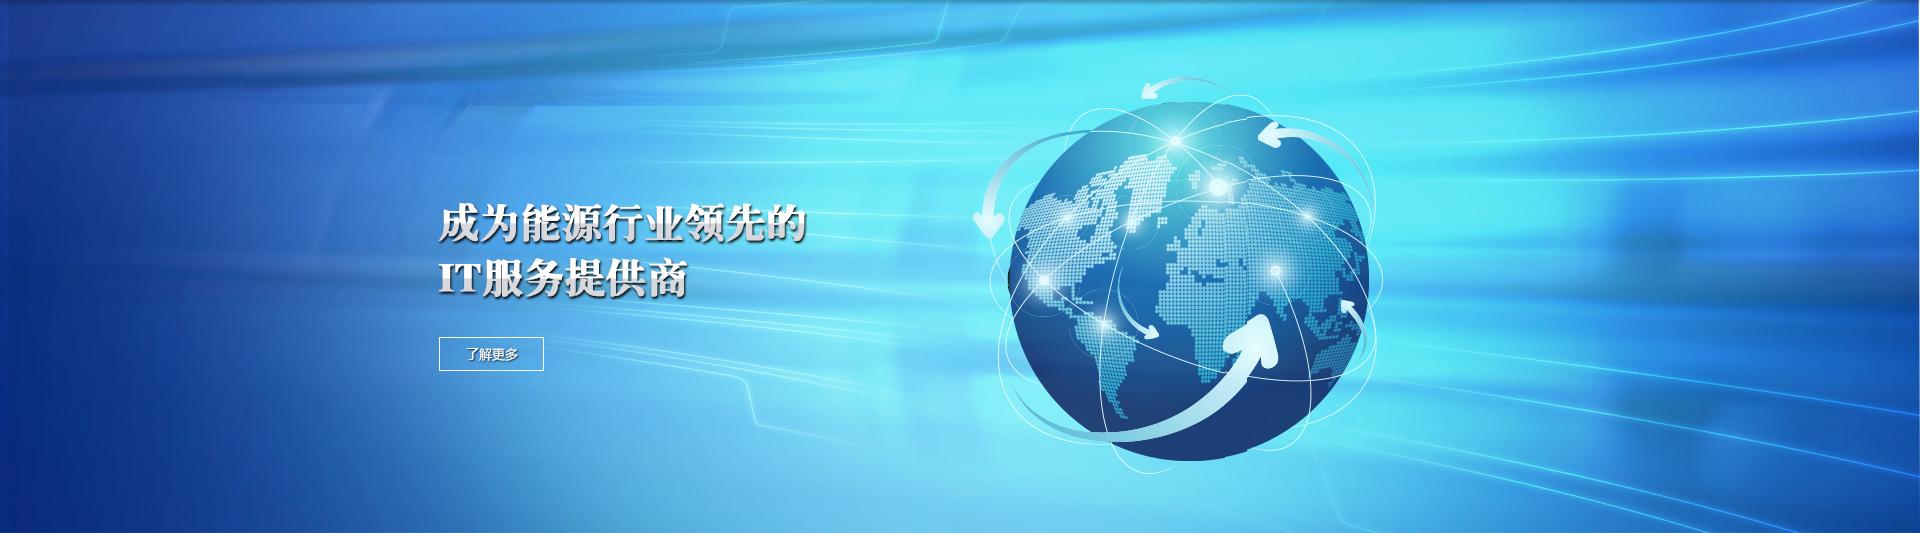 成为国内一流的IT行业服务商